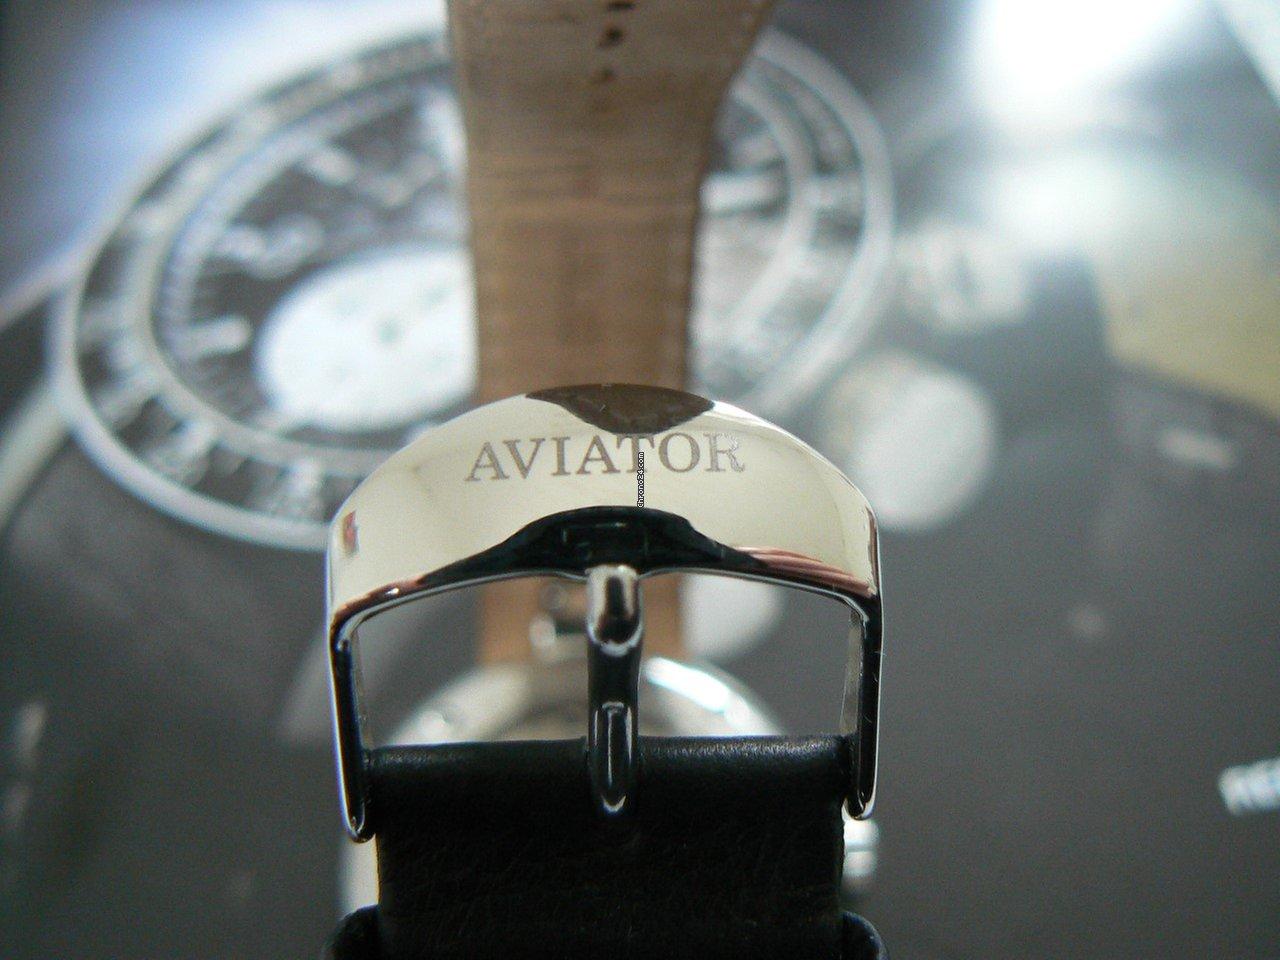 Poljot Aviator eladó 155 000 Ft Magáneladó státuszú eladótól a Chrono24-en 9d8604dcf6